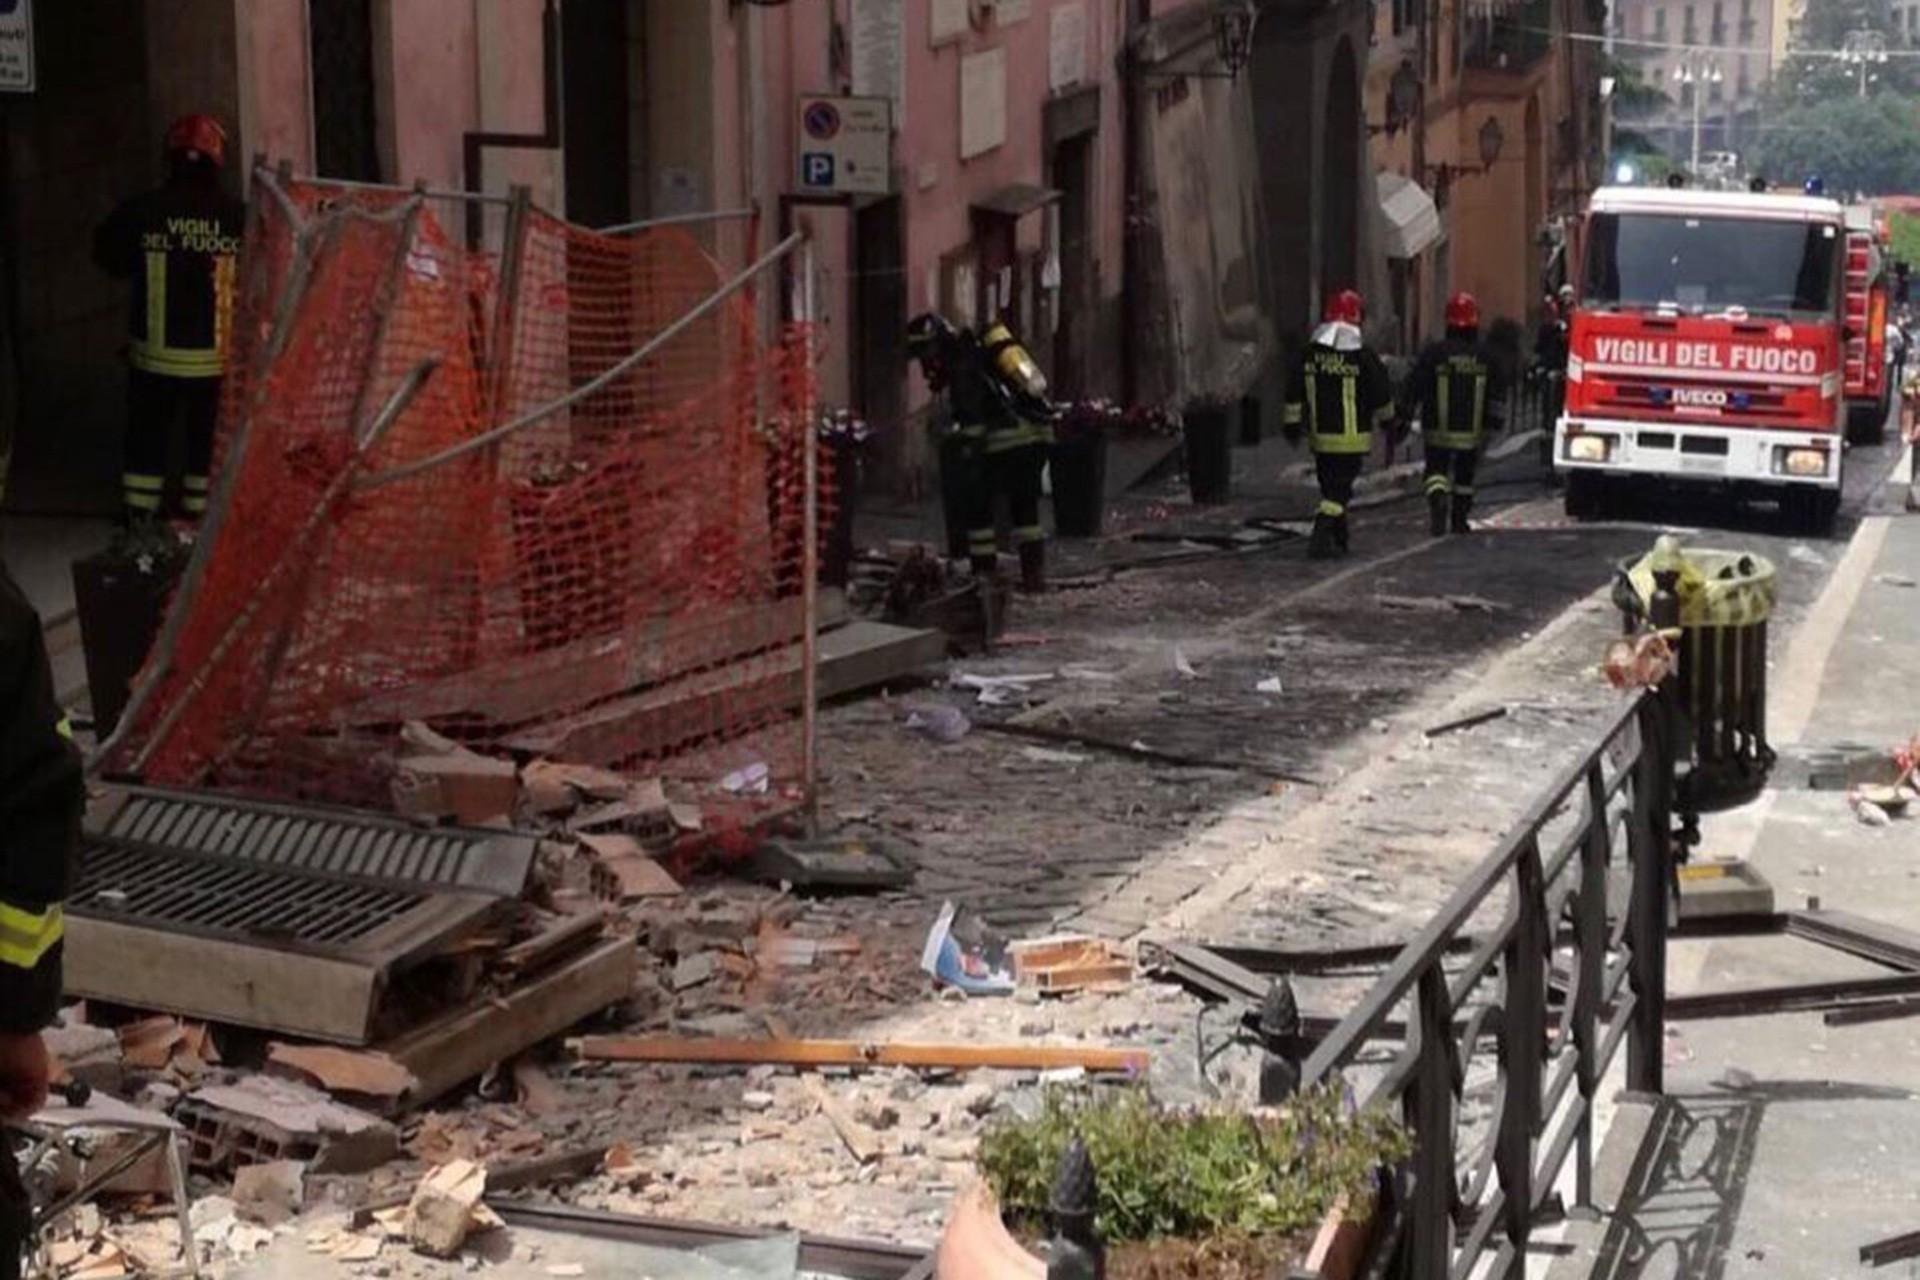 İtalya'da gaz patlaması: Belediye başkanı ve 8 kişi yaralandı